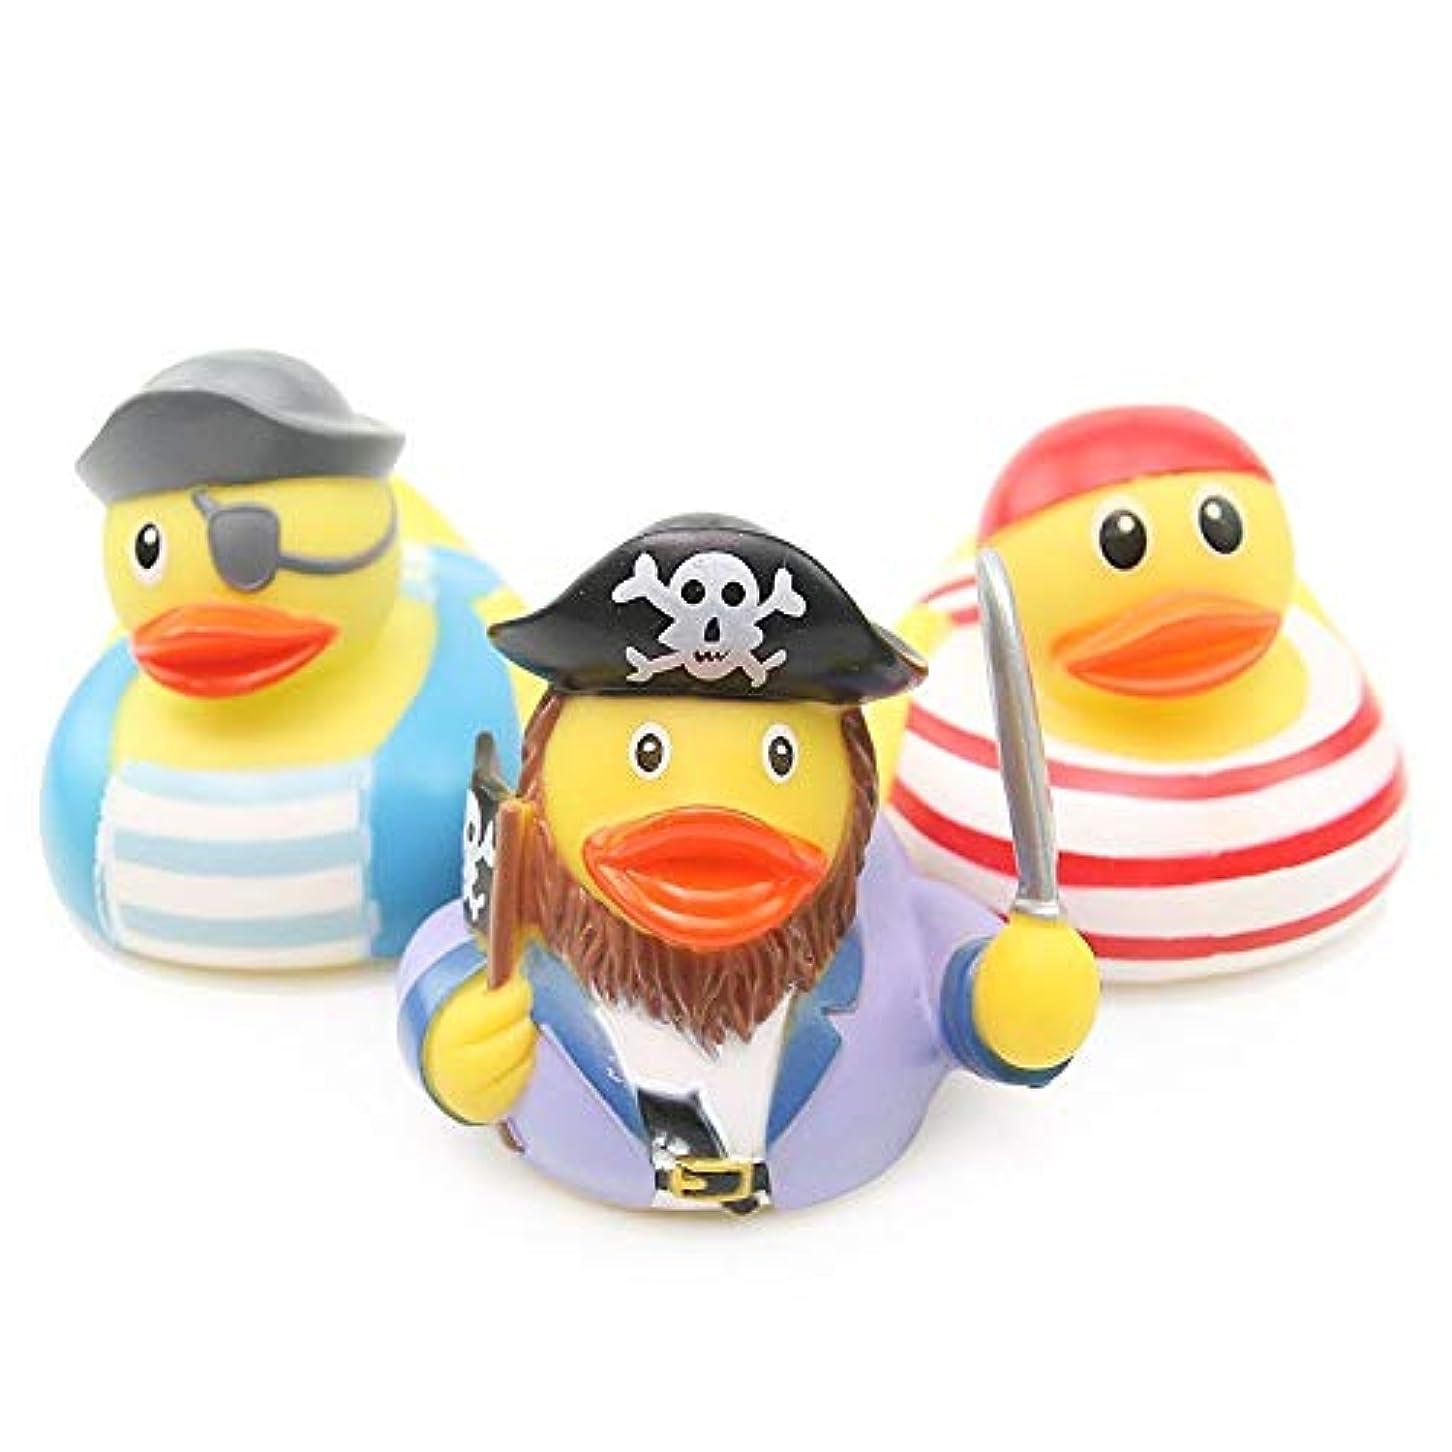 興奮する区別する冷凍庫PPOO 3 個ゴムアヒルのベビーシャワーバスルーム水泳プール水泳のおもちゃ海賊モデリングアヒルお風呂の玩具